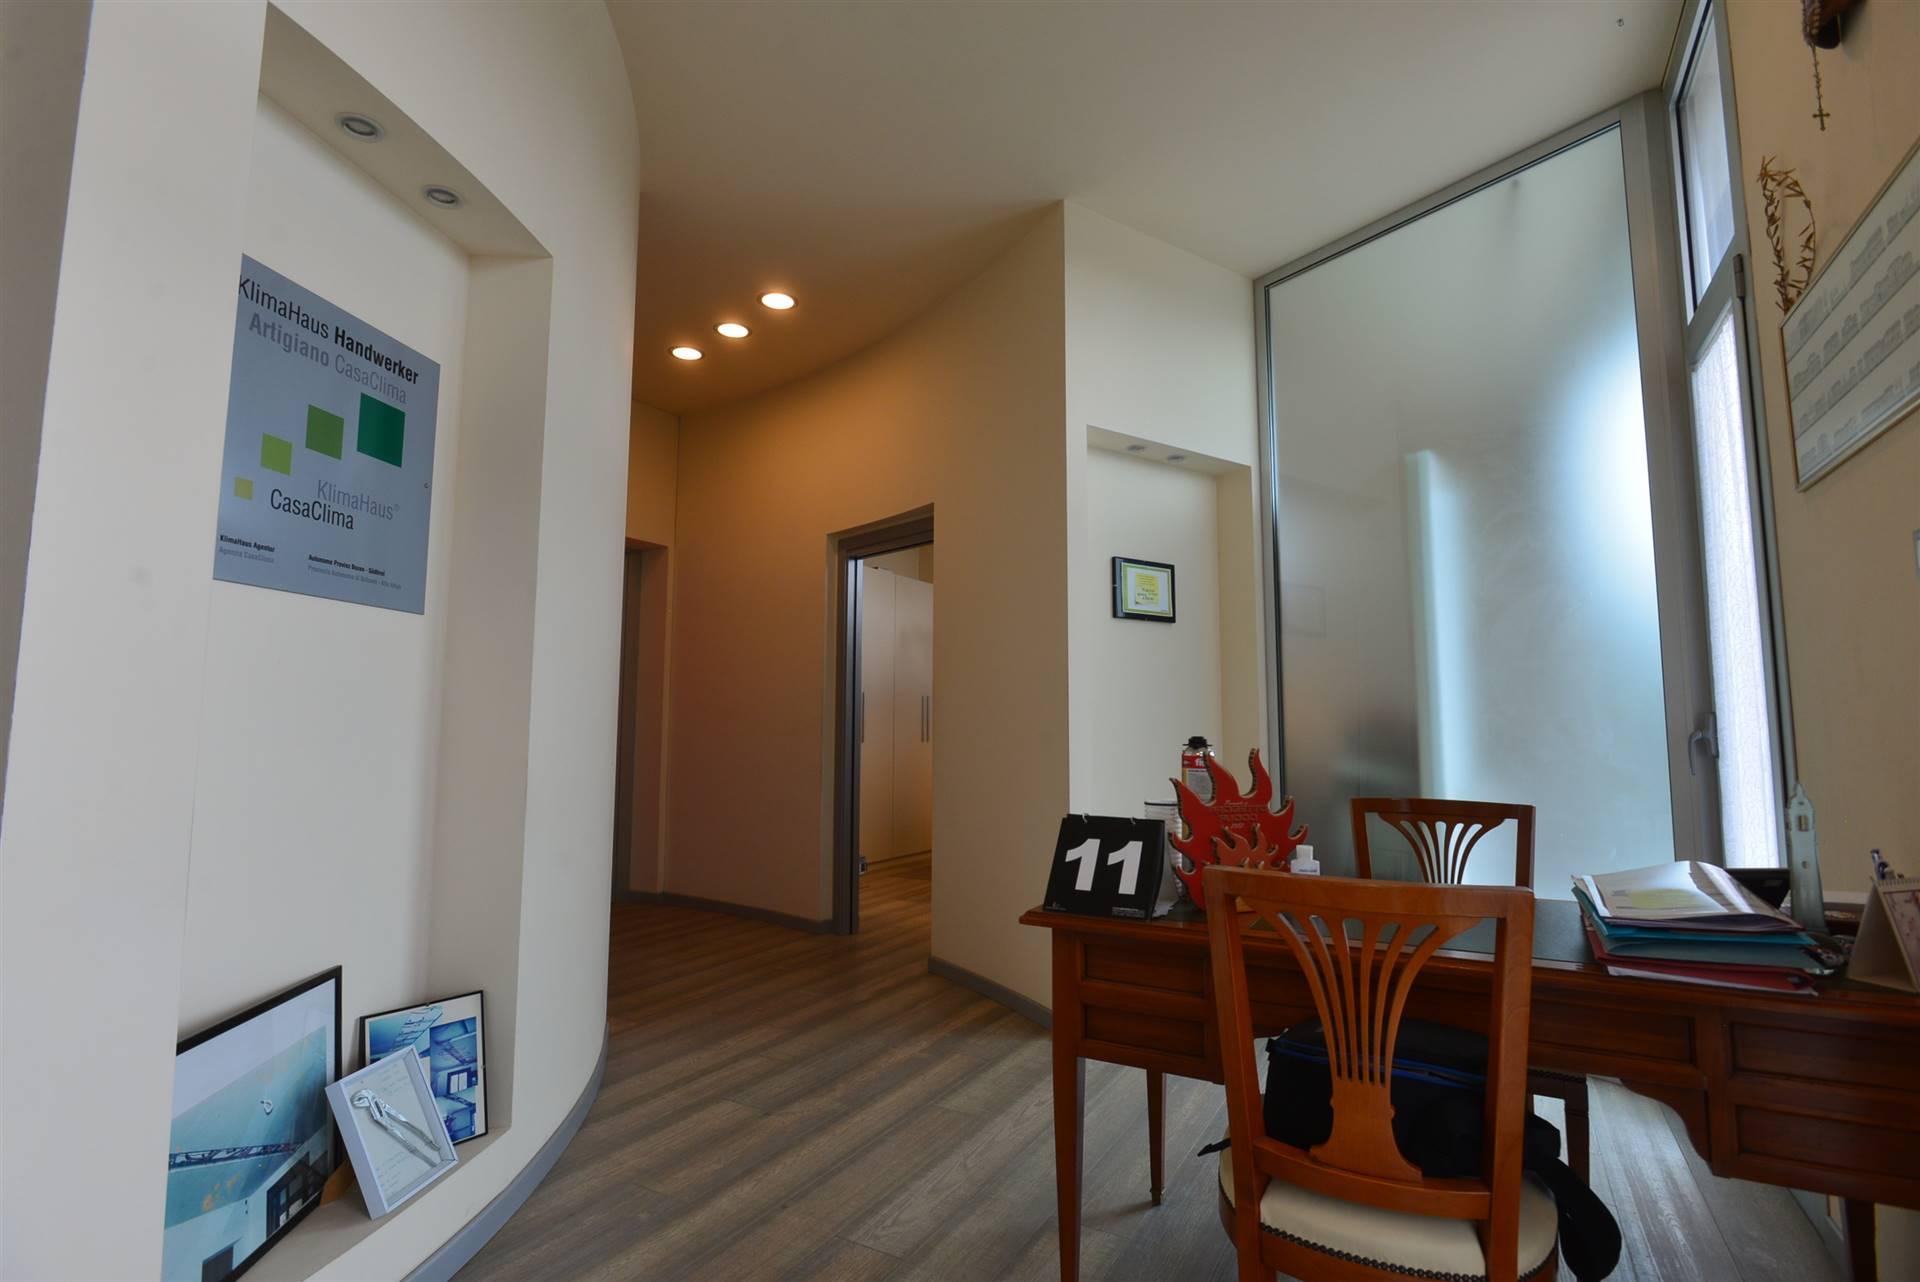 Attività / Licenza in affitto a Salzano, 2 locali, zona Zona: Robegano, prezzo € 600 | CambioCasa.it